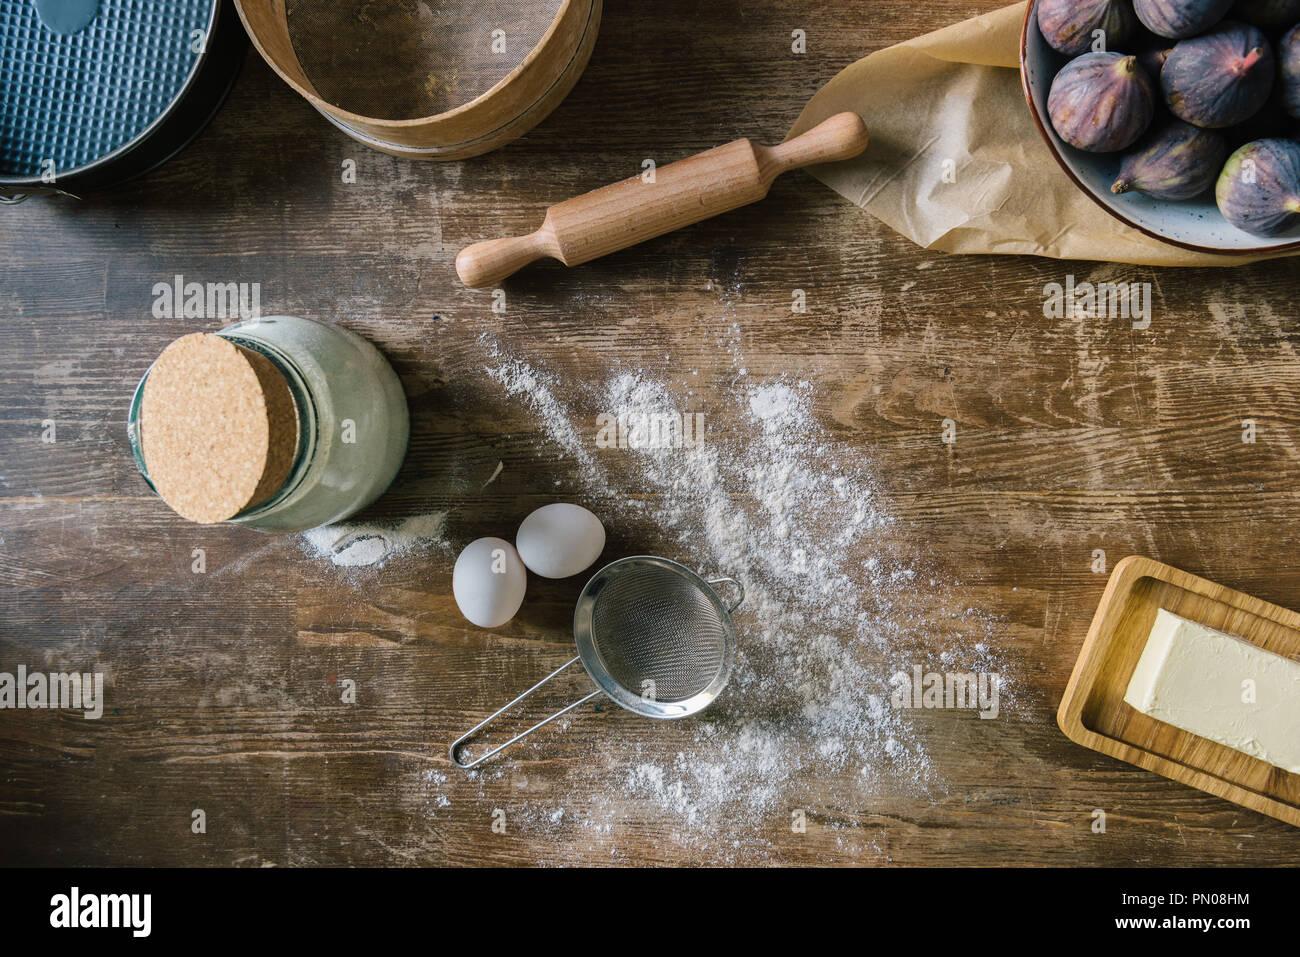 Blick von oben auf die unordentlichen Holztisch mit verschüttetem Mehl und Backpulver Zutaten Stockbild